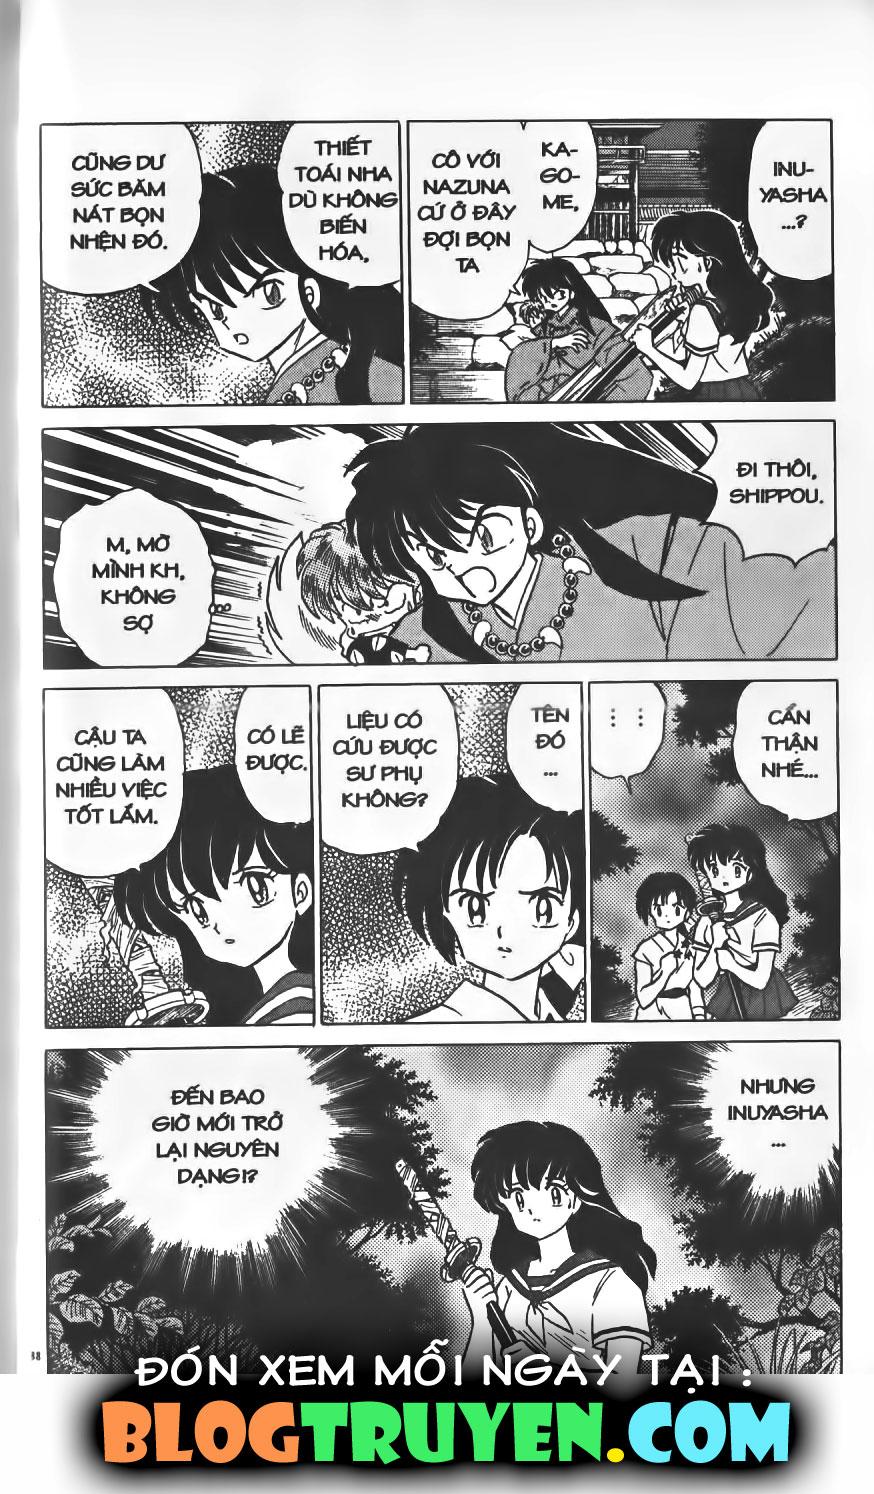 Inuyasha vol 05.2 trang 13